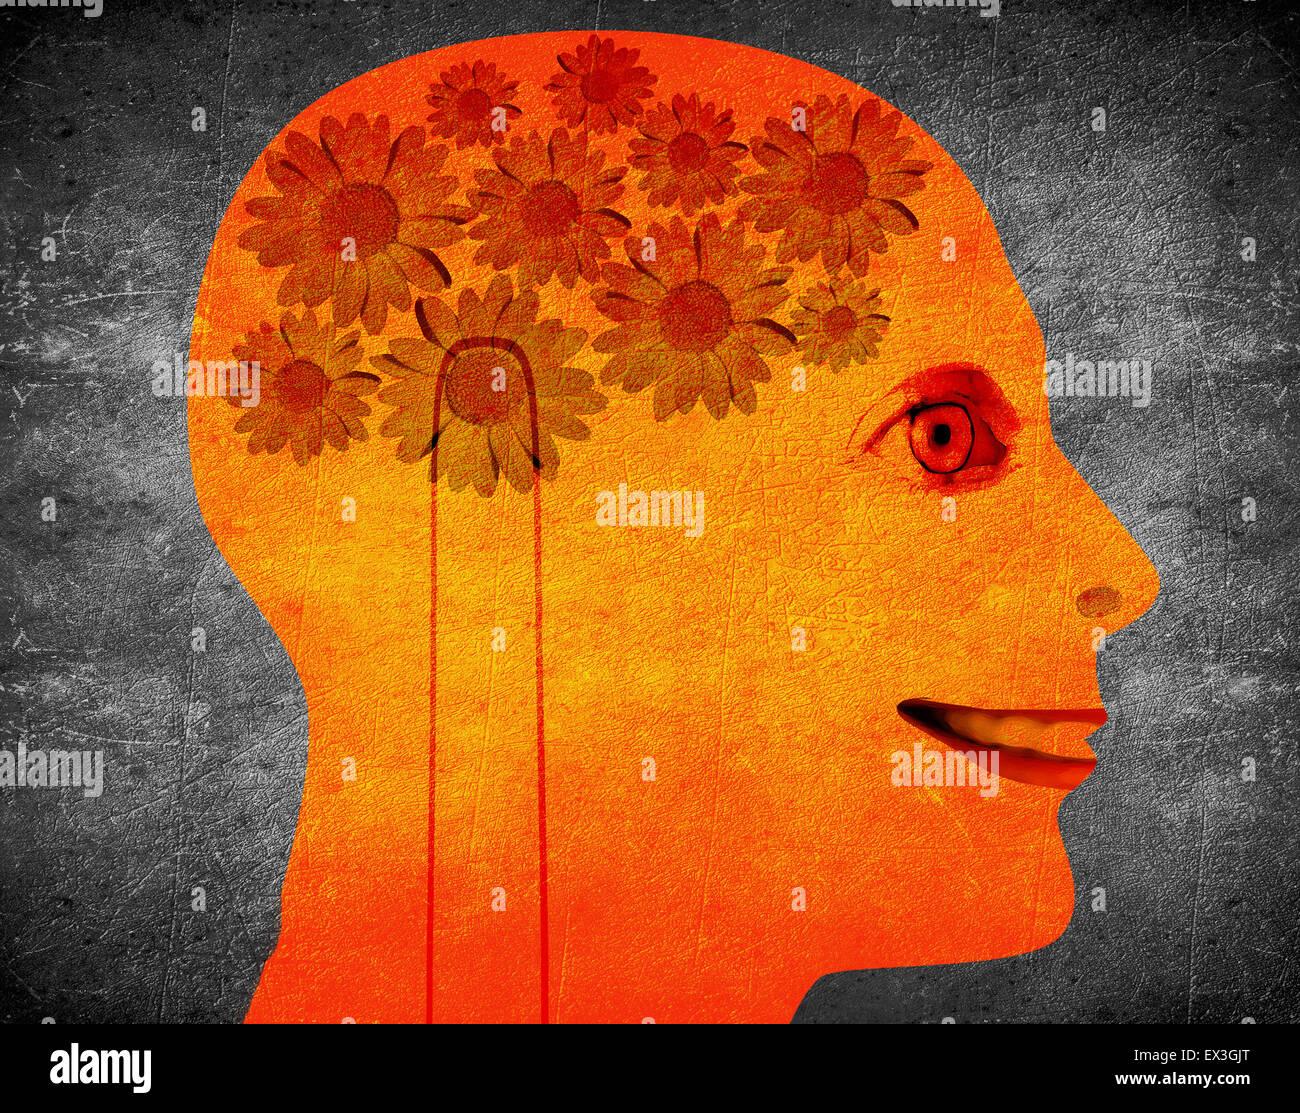 Ilustración del concepto de creatividad con cabeza naranja y flor de margarita Foto de stock